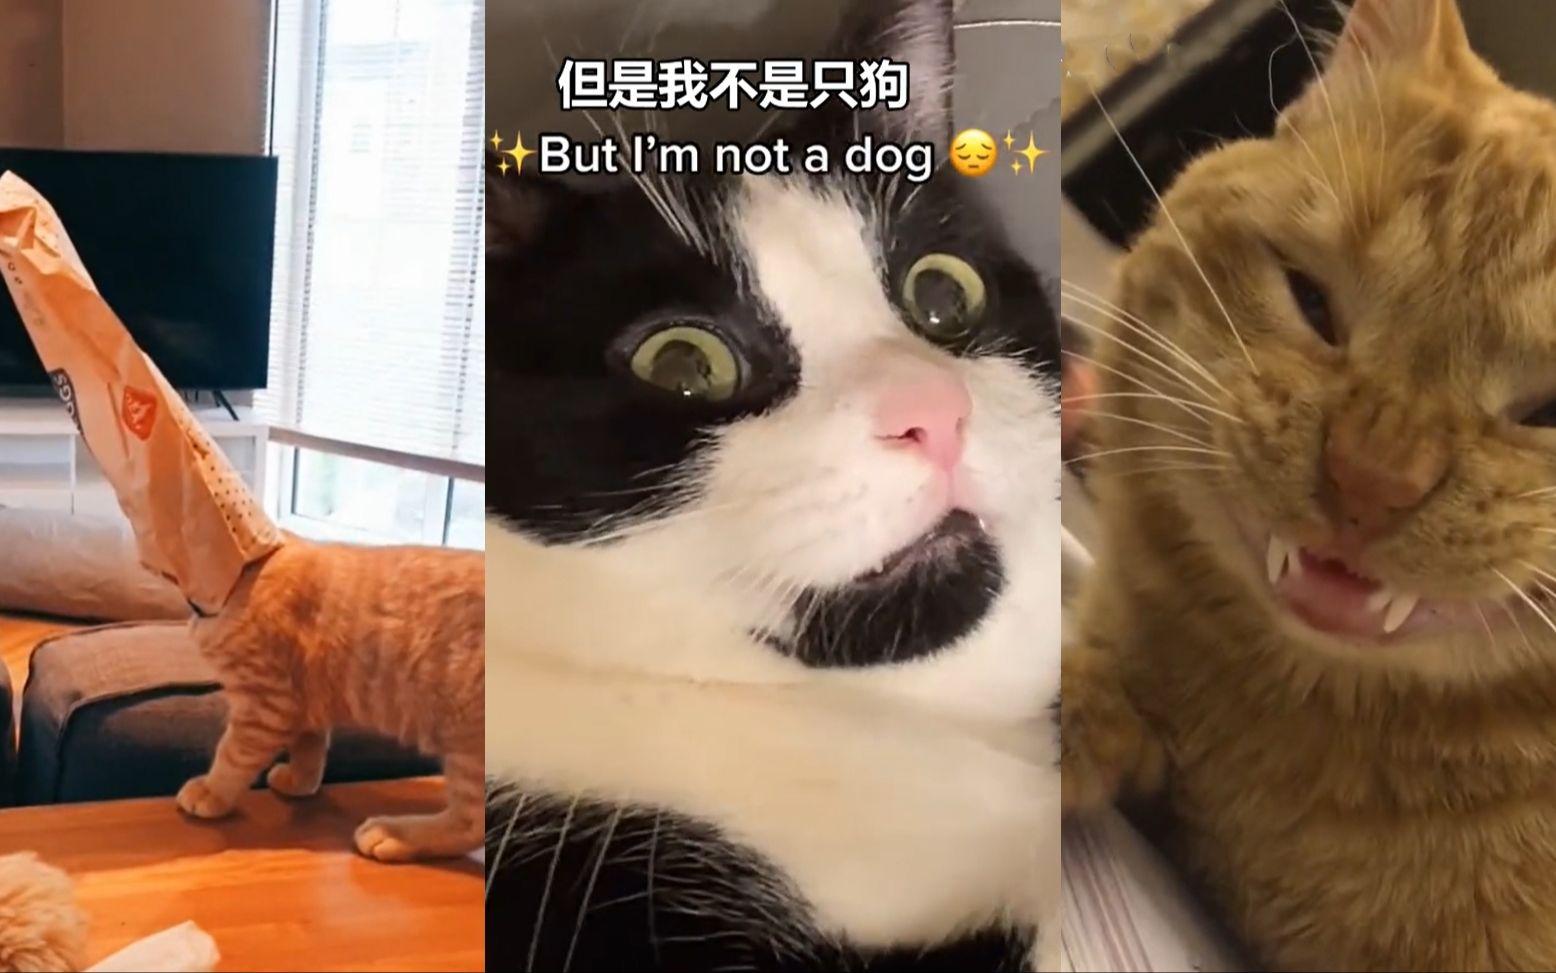 有兽医吗 我的猫好像坏了